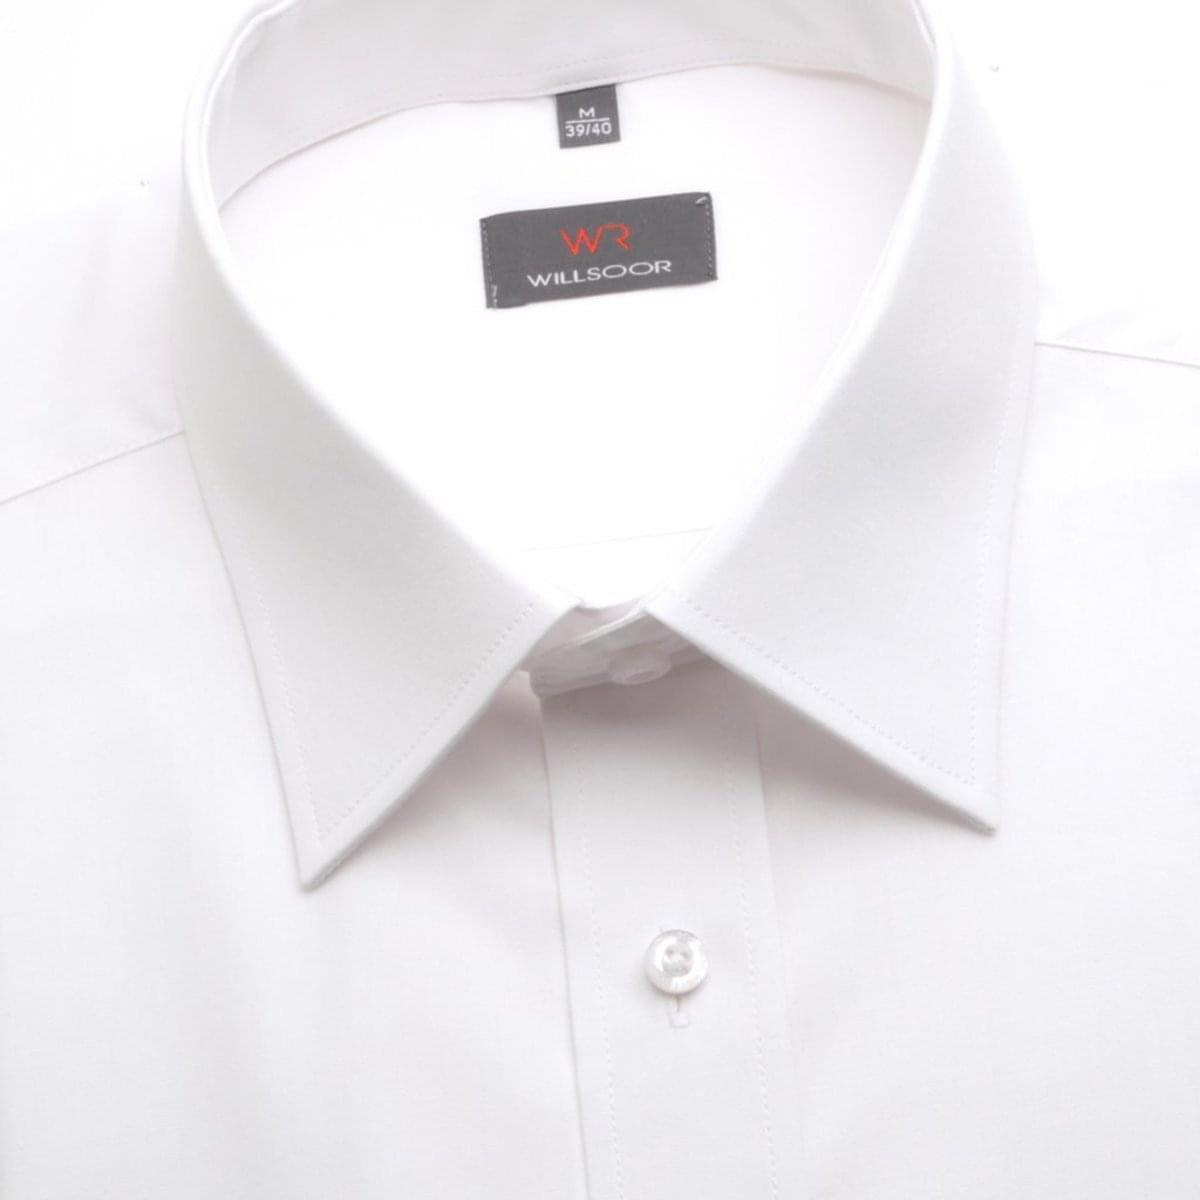 Pánská slim fit košile (výška 188-194) 1375 v bílé barvě 188-194 / XL (43/44)